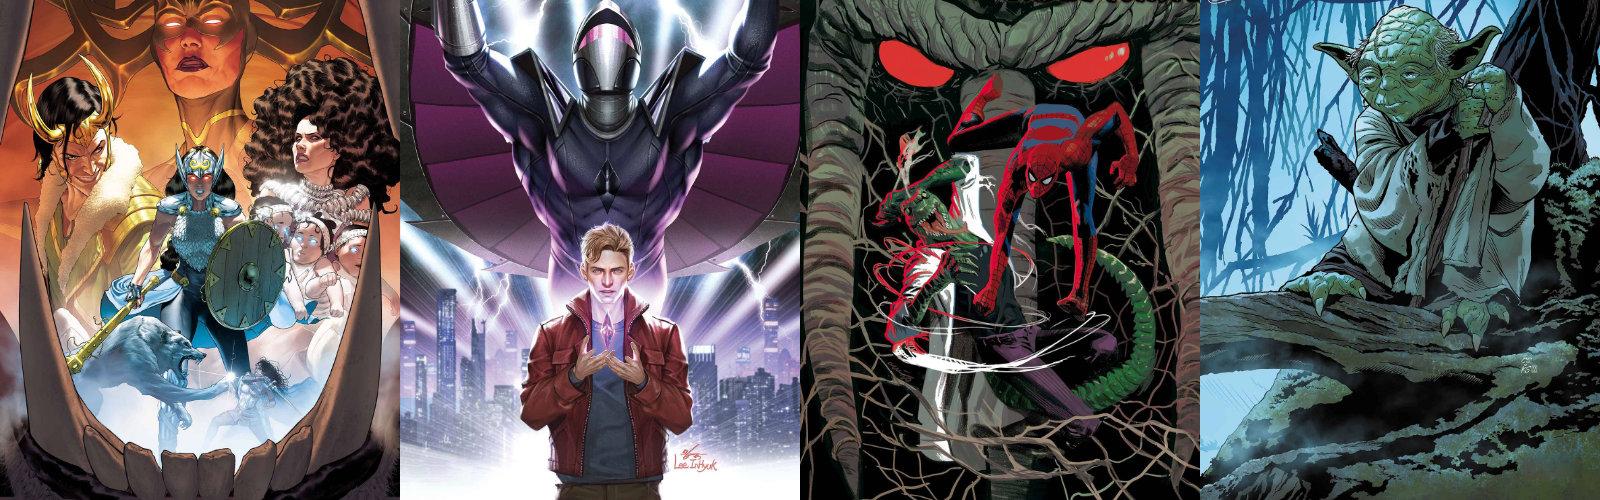 Solicitations: April 2021 – Marvel Comics